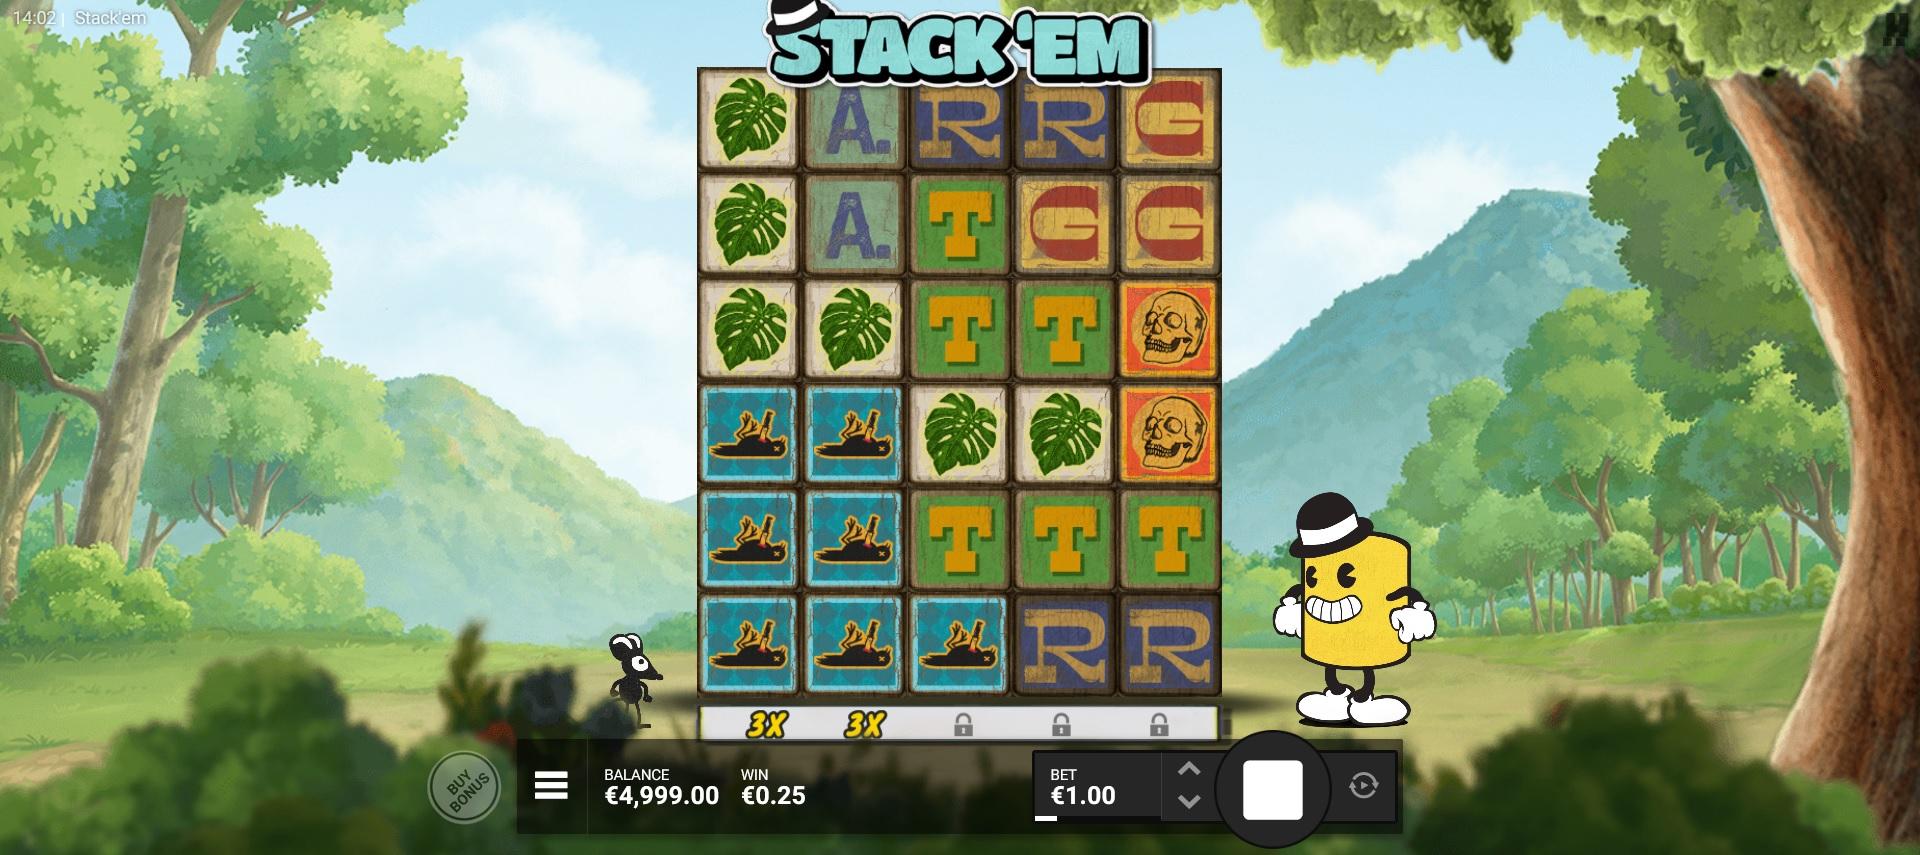 Stack Em reel main game